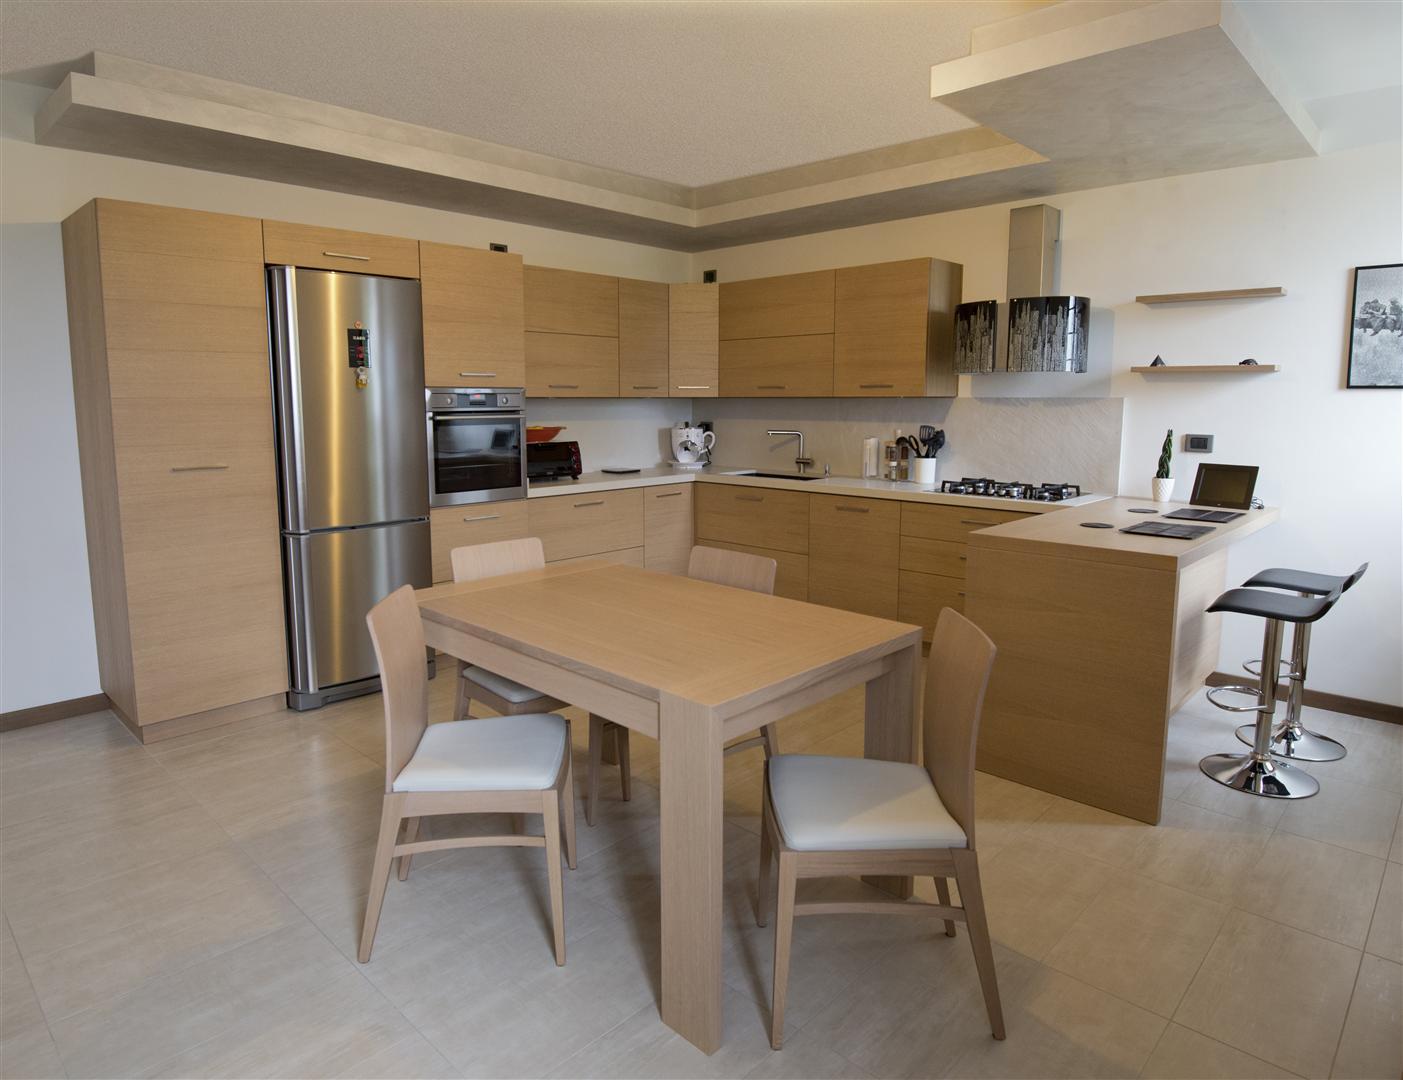 Molto cucine in rovere jt65 pineglen - Plafoniere moderne per cucina ...